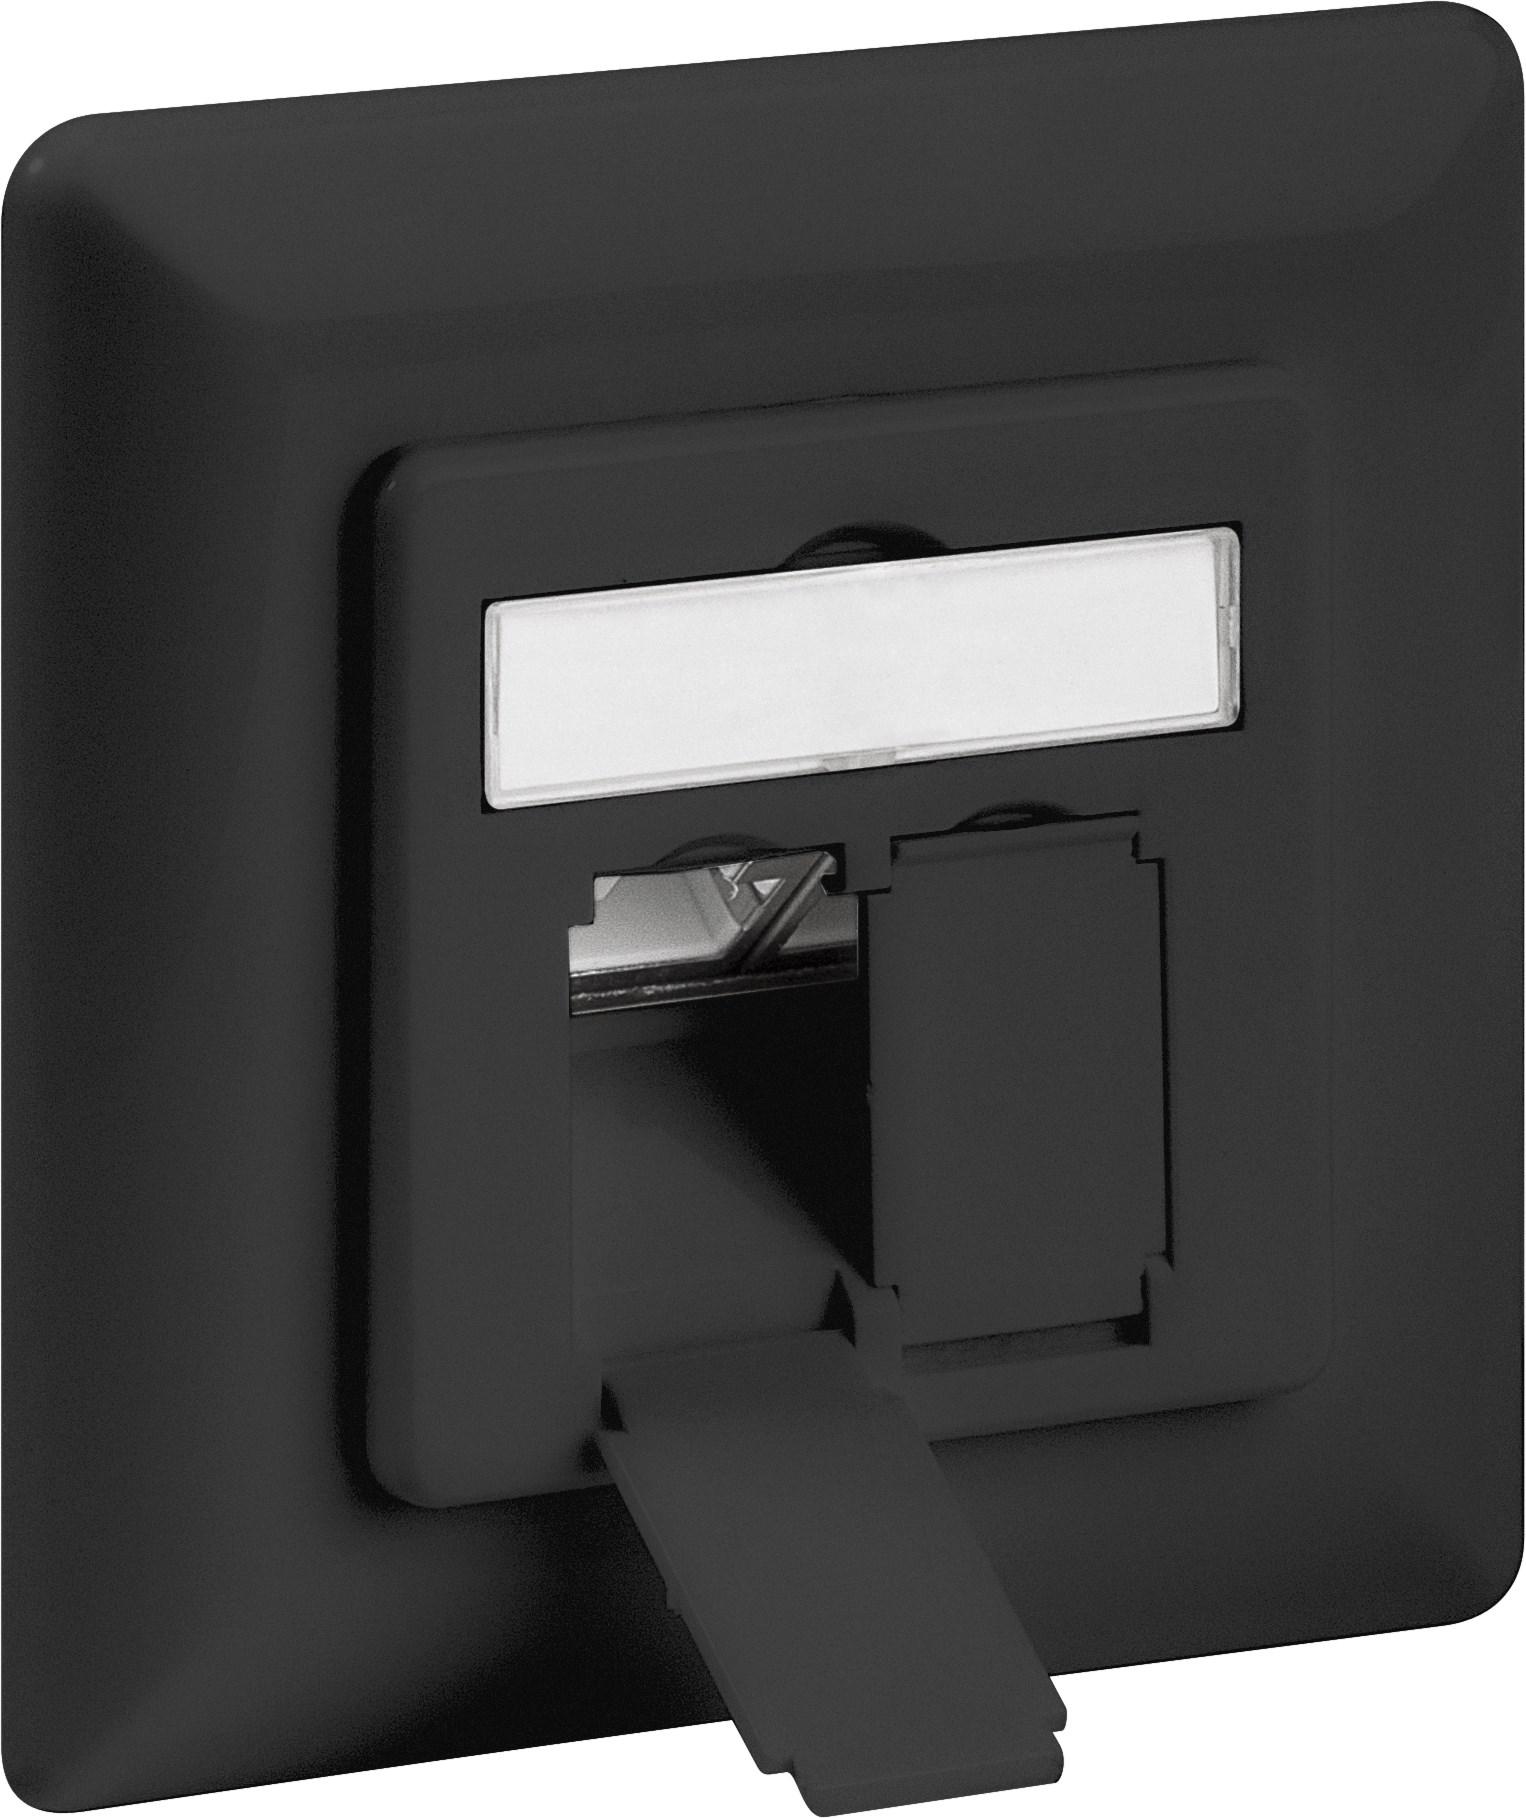 Afbeelding van Cat6a STP inbouwdoos, zwart